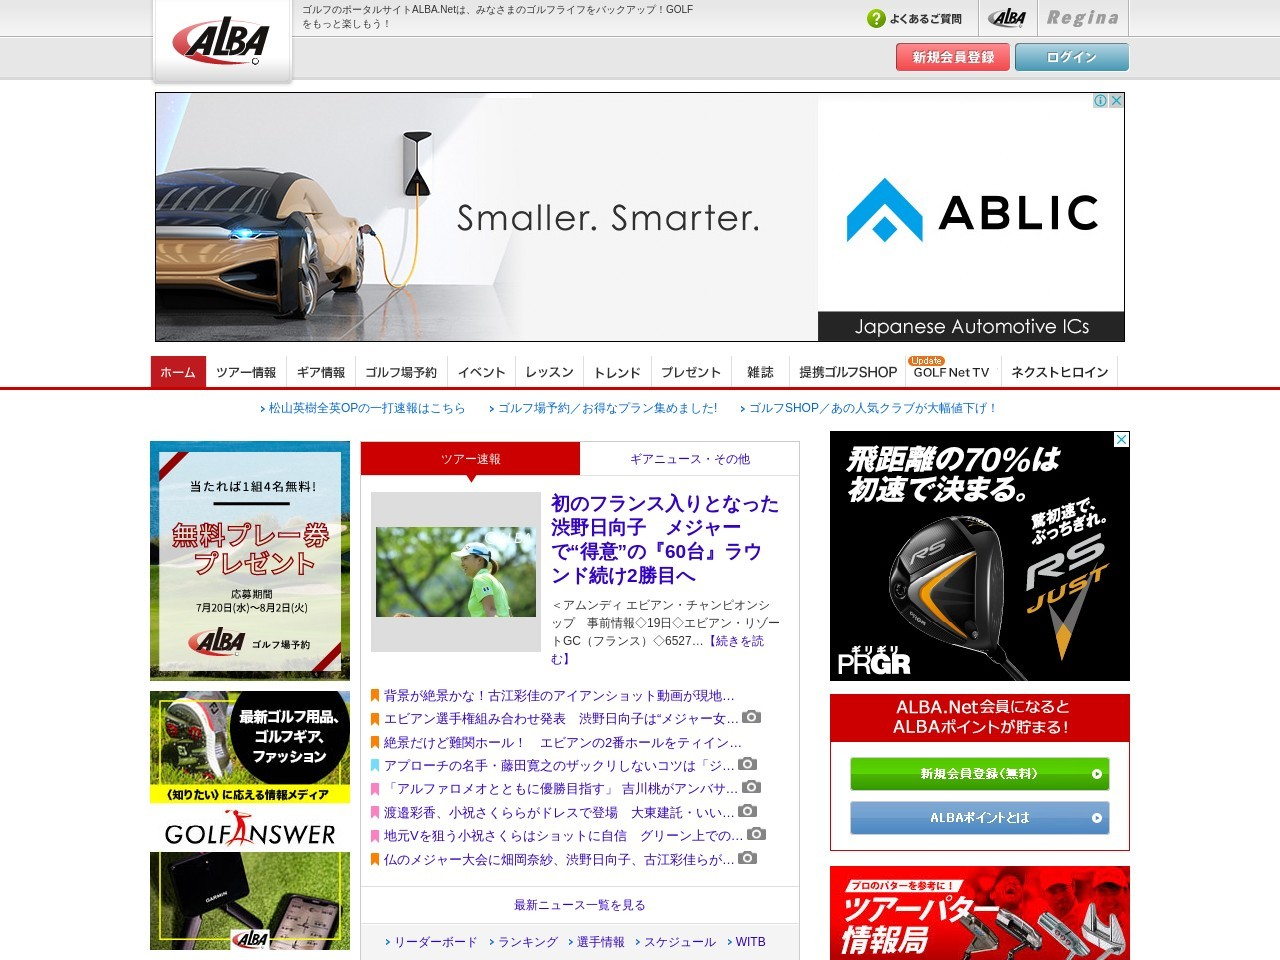 <速報>石川遼は初日「68」 2アンダー暫定5位でホールアウト